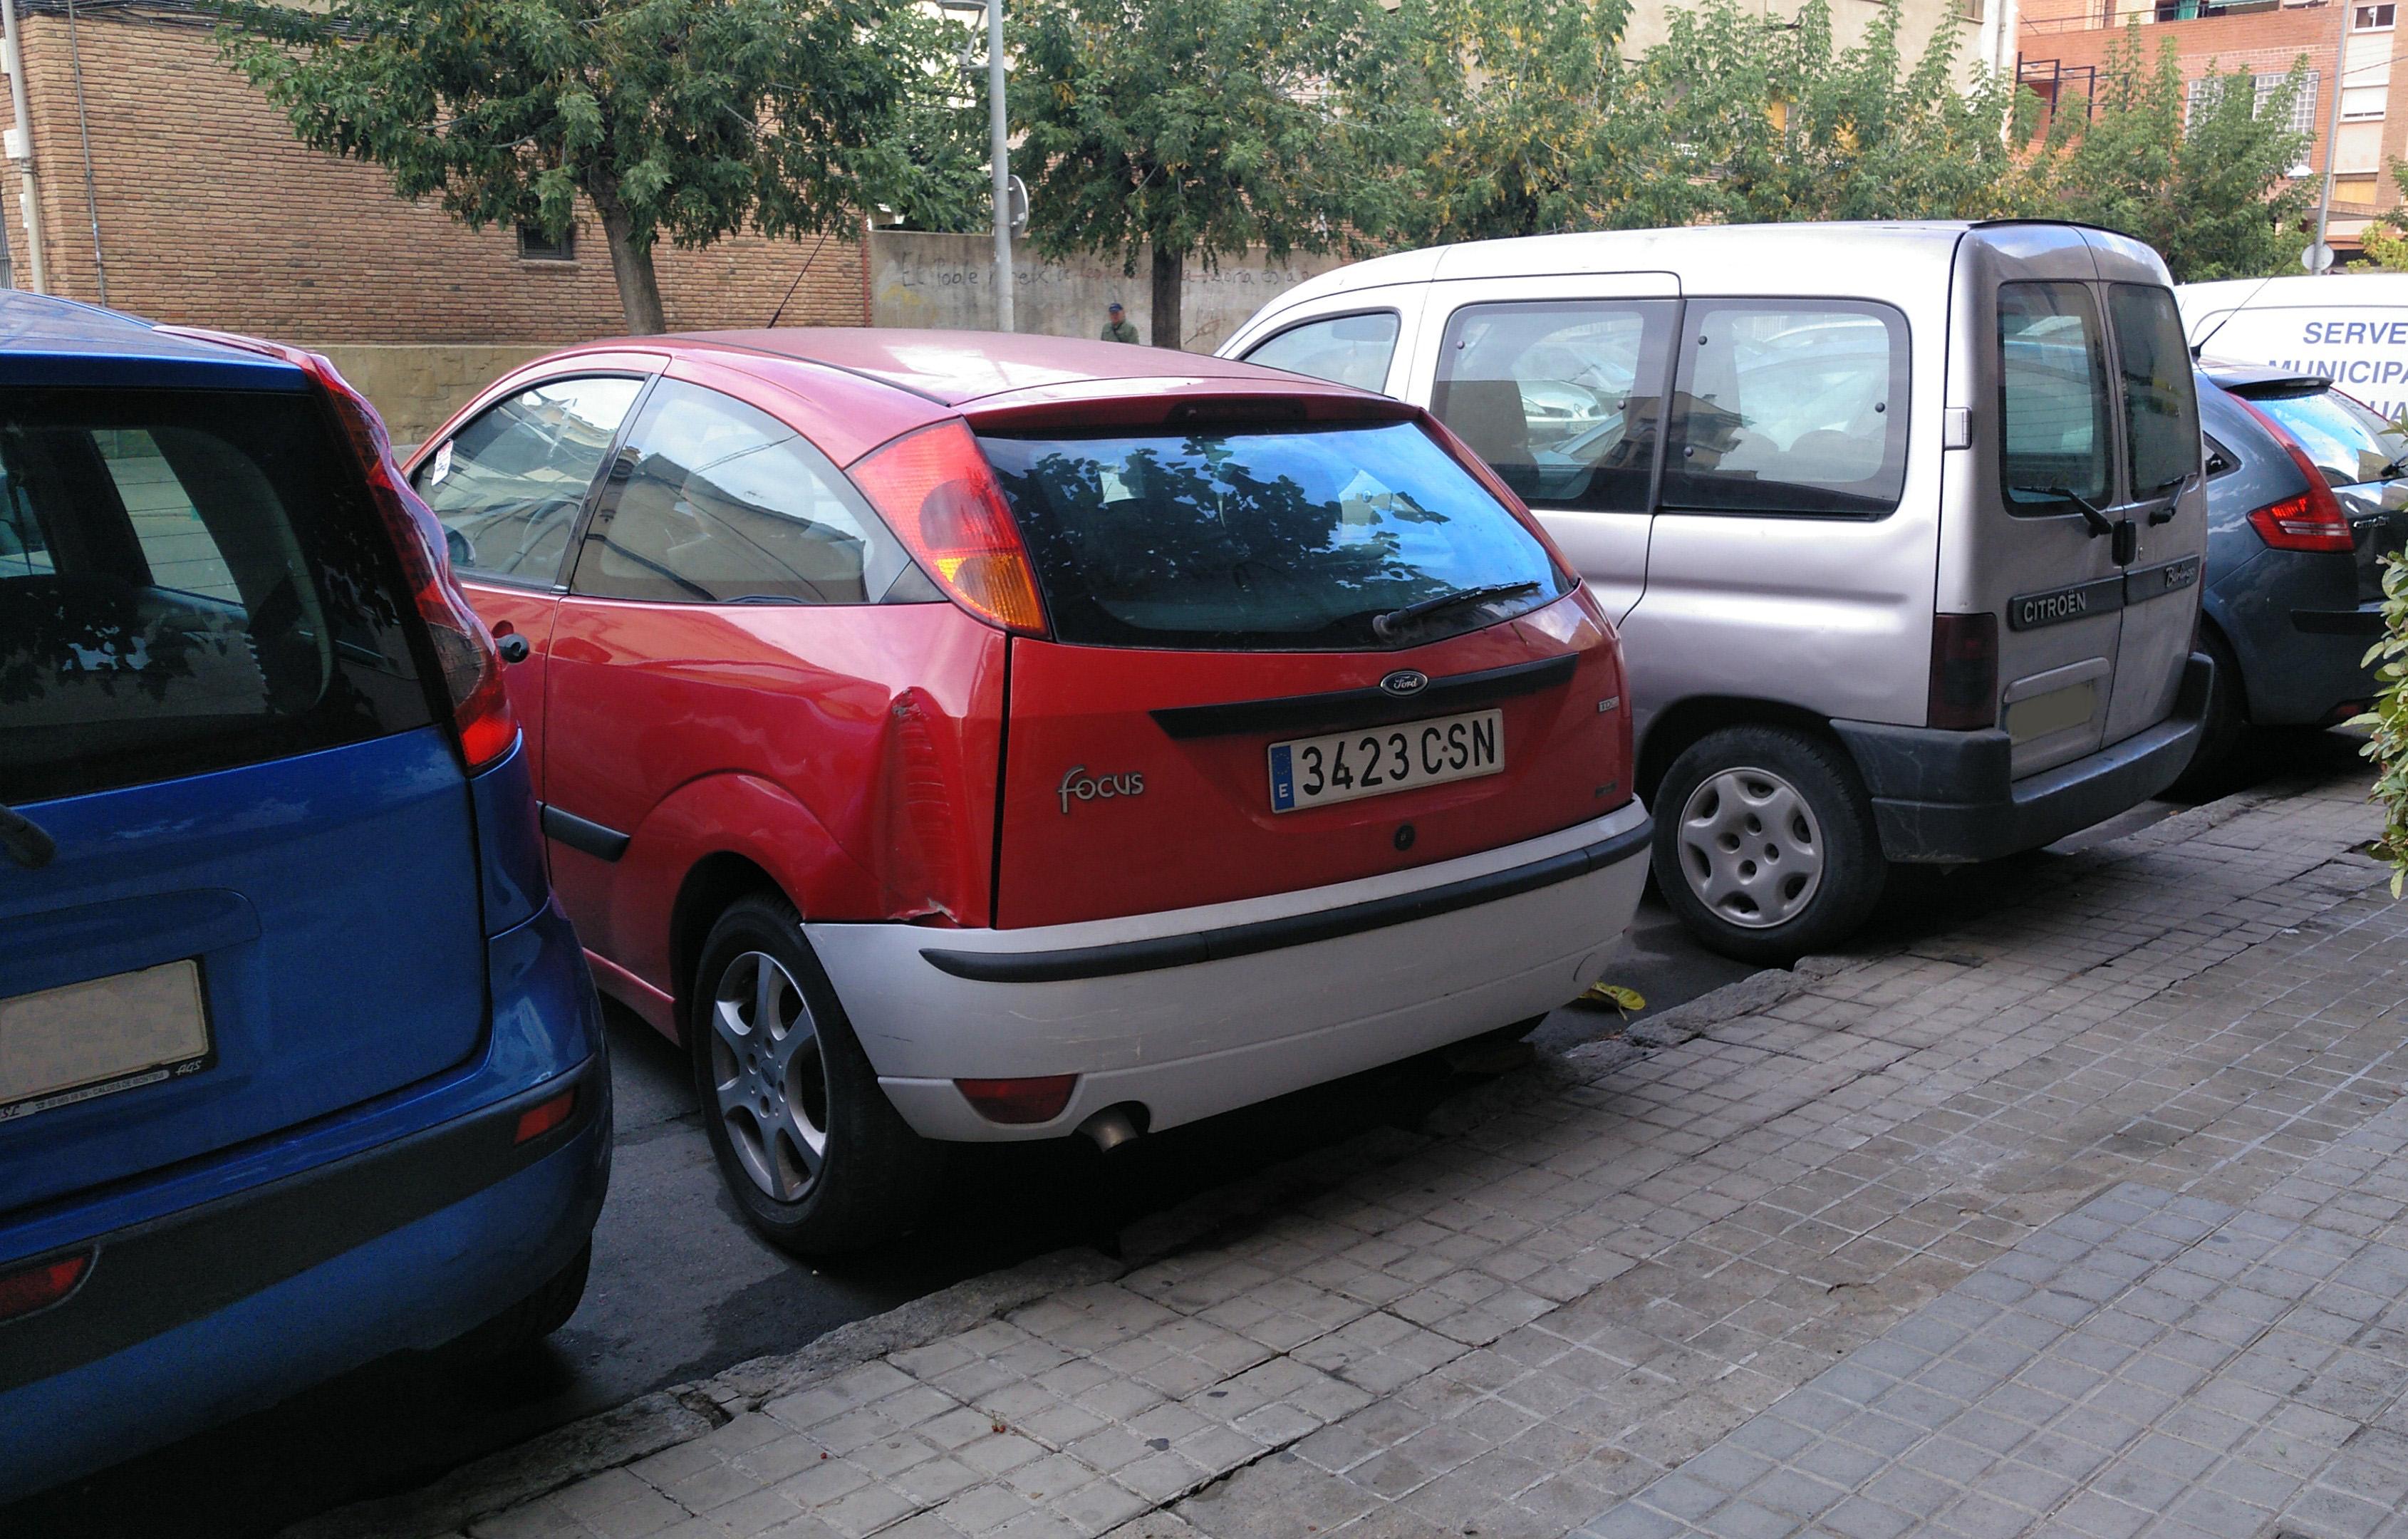 L'Ajuntament retirarà nou vehicles amb senyals d'estar abandonats a la via pública